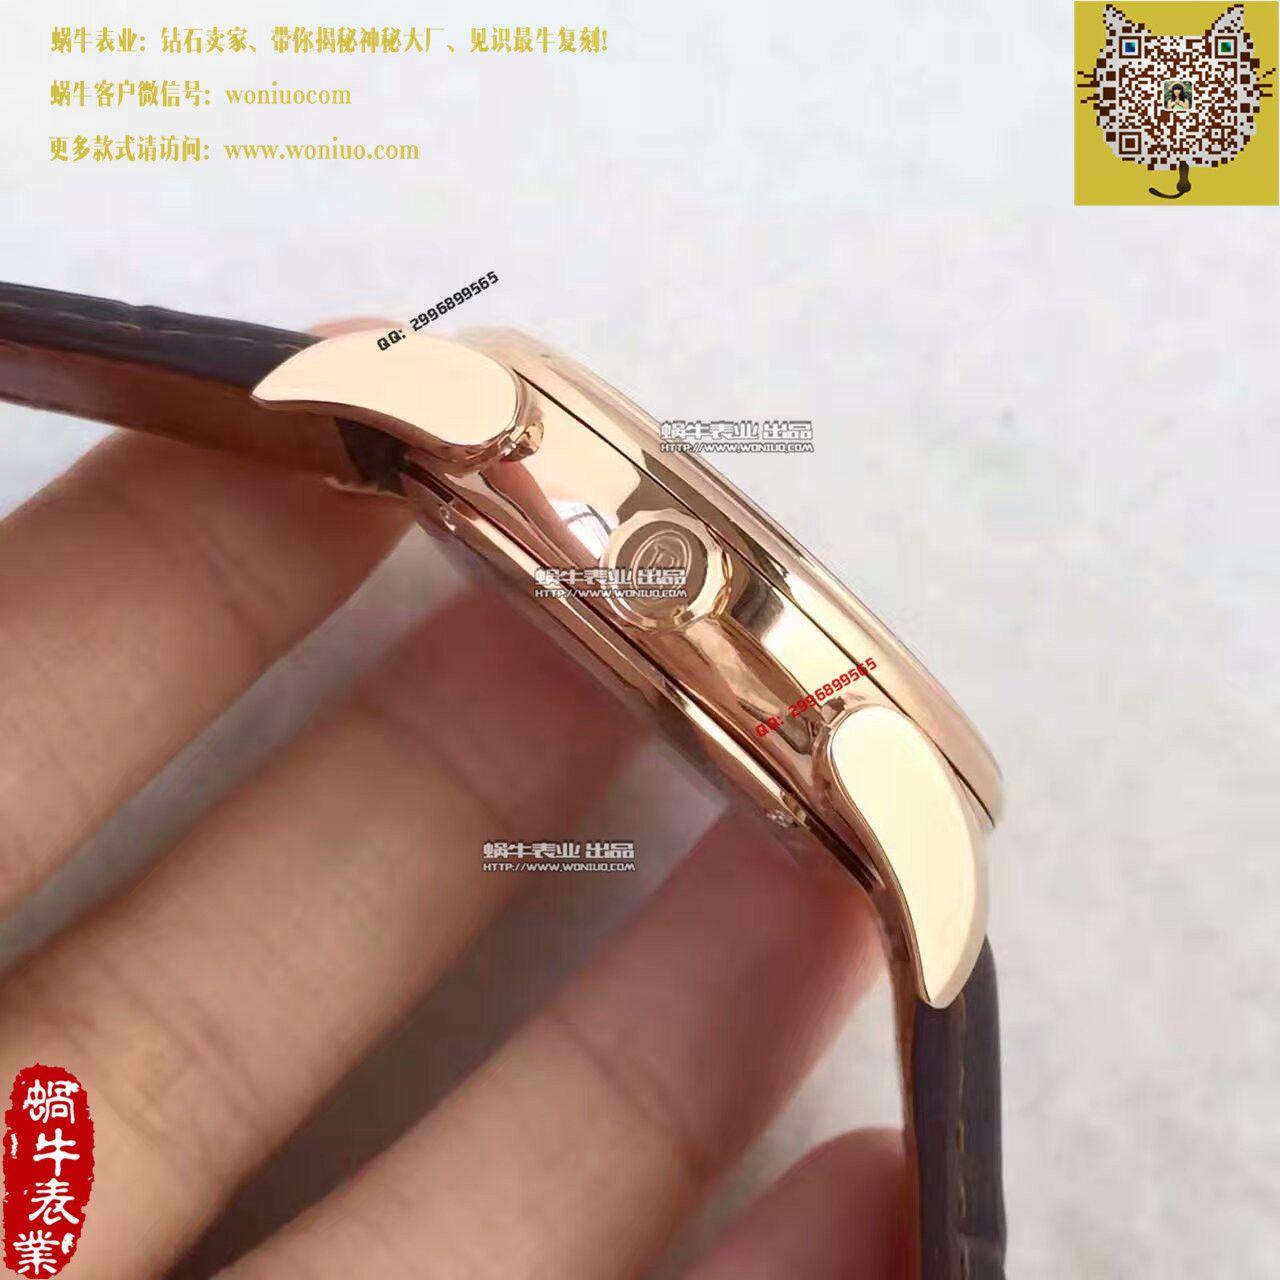 【一比一复刻手表】帕玛强尼Tonda系列PFC267-1002400-HA1241腕表 / PM021